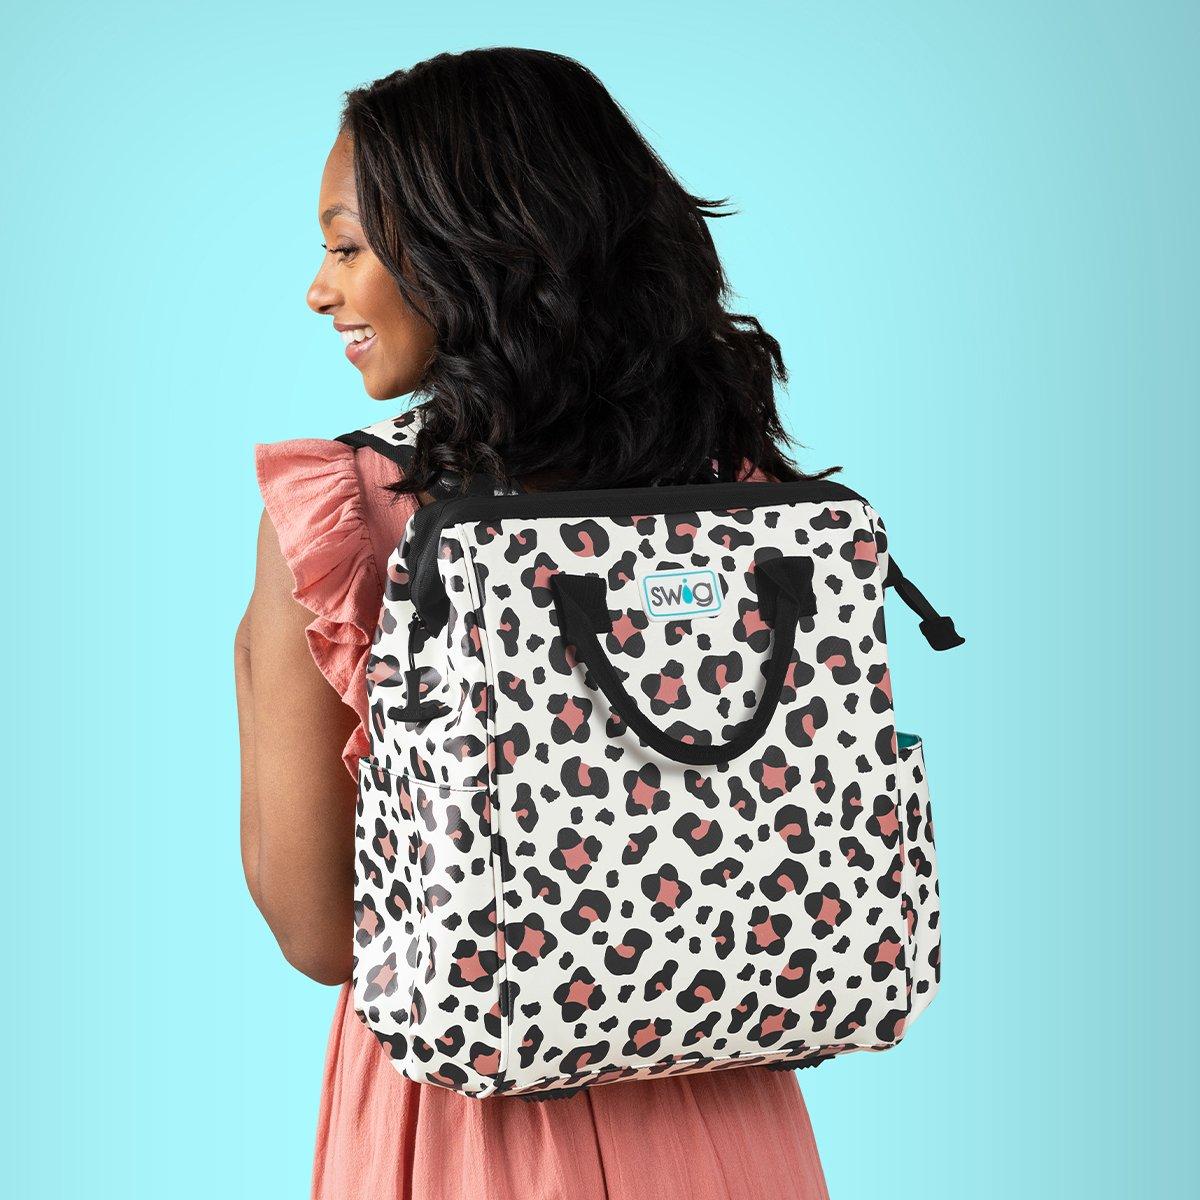 PRE ORDER Leopard Swig Backpack Cooler